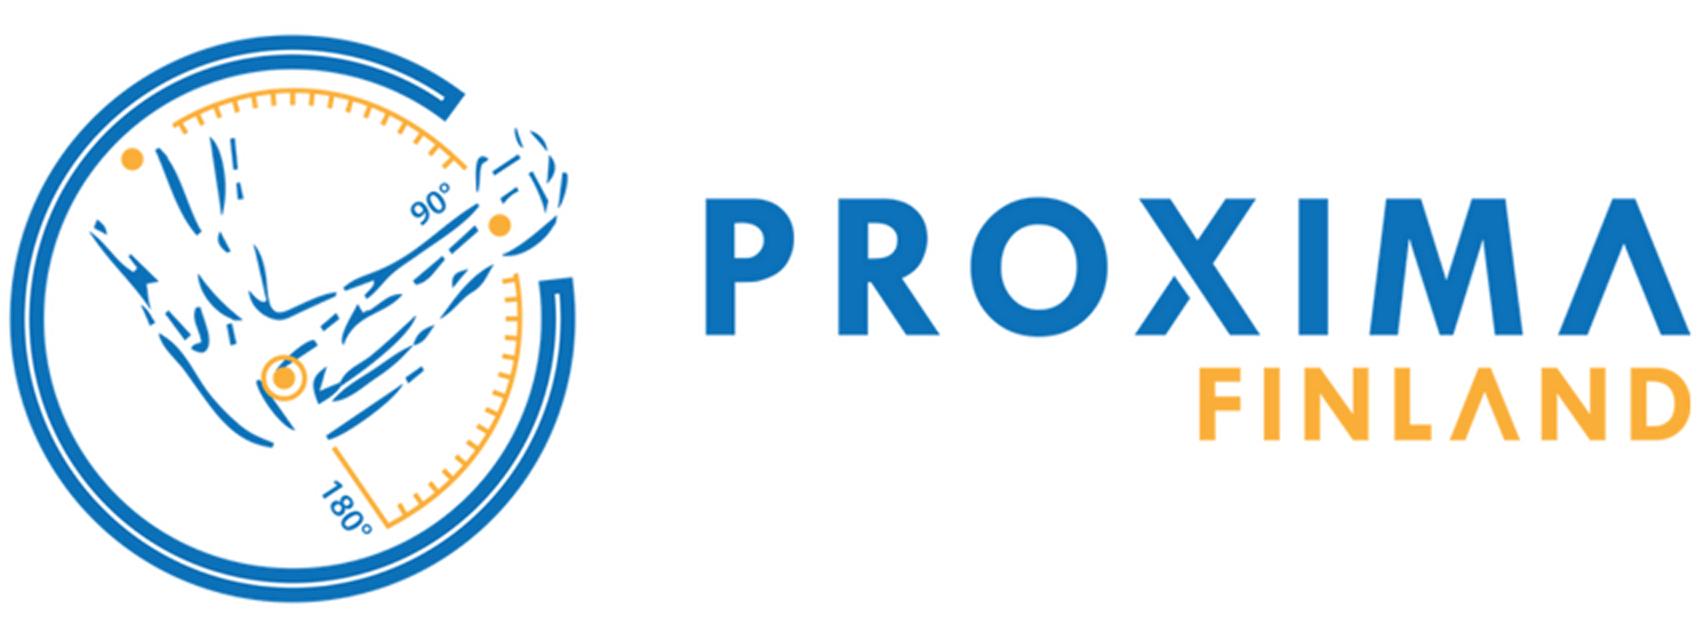 proximafinland.fi